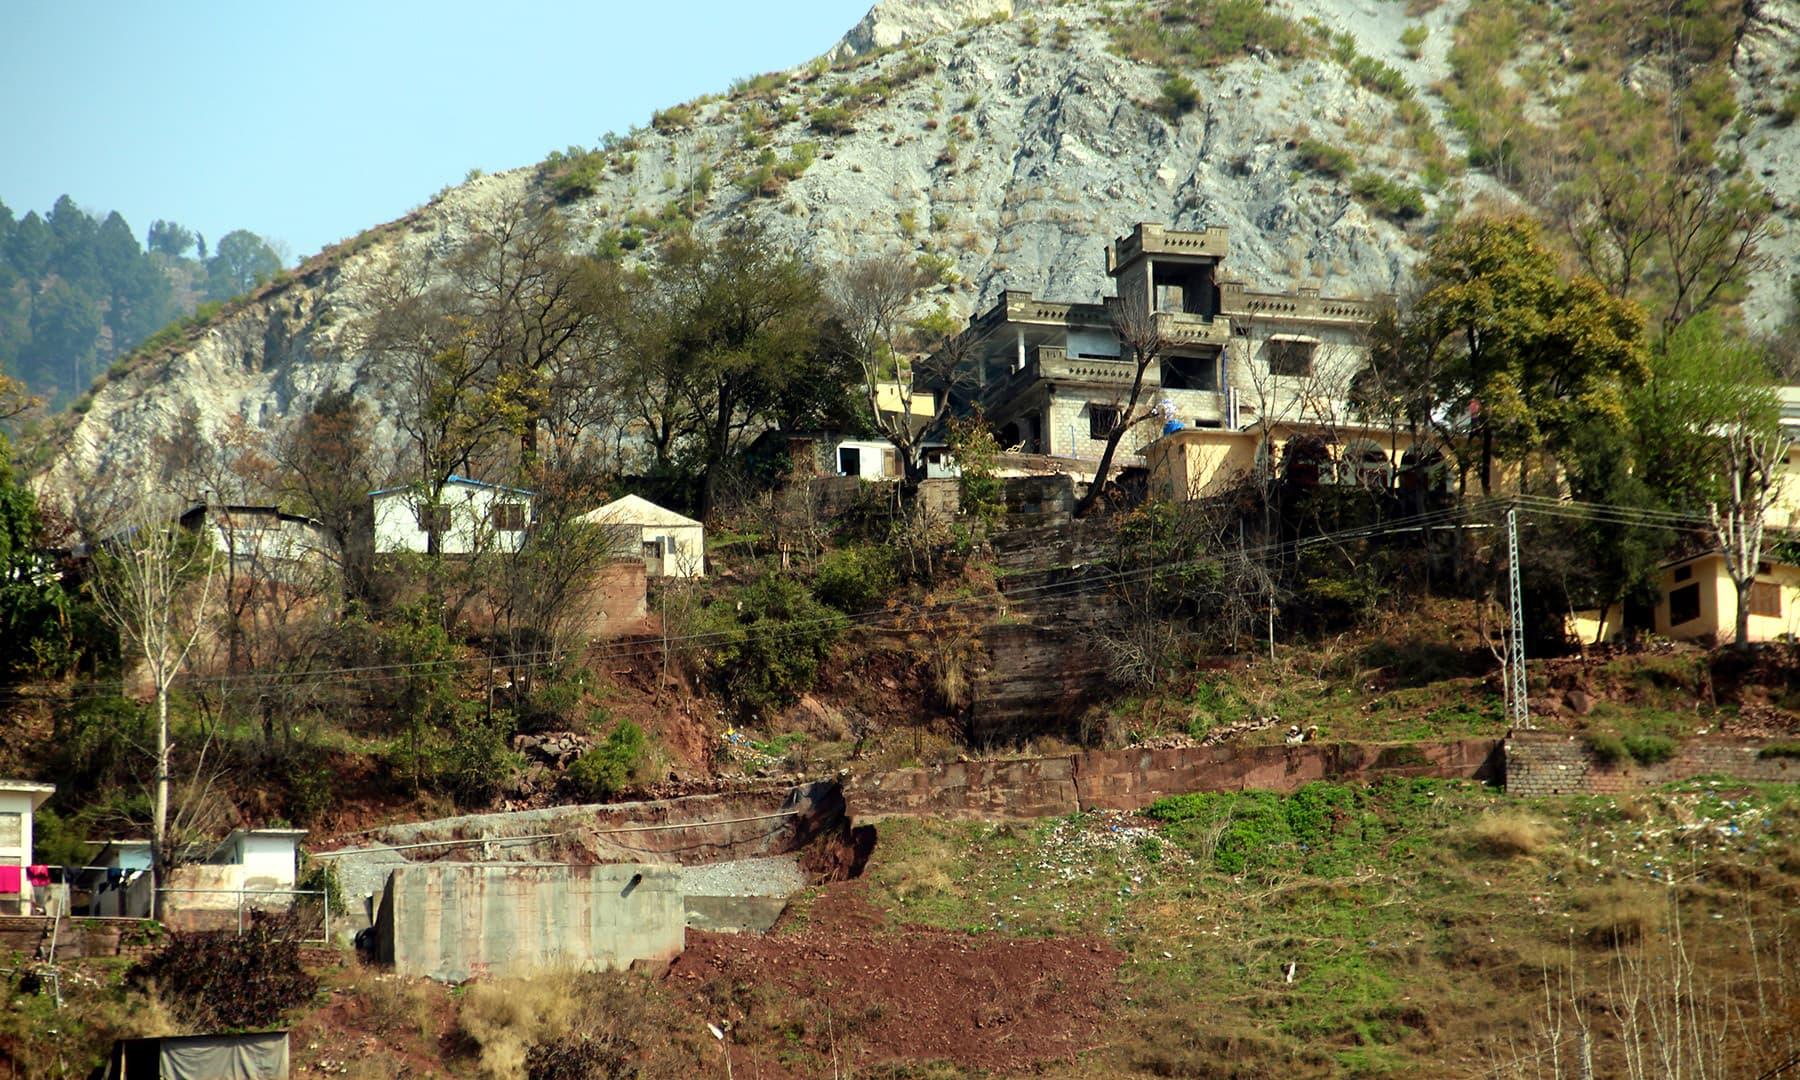 چٹانوں کے کناروں تک کو بھی تعمیرات کے لیے استعمال کیا گیا ہے. — فوٹو سید اشفاق حسین